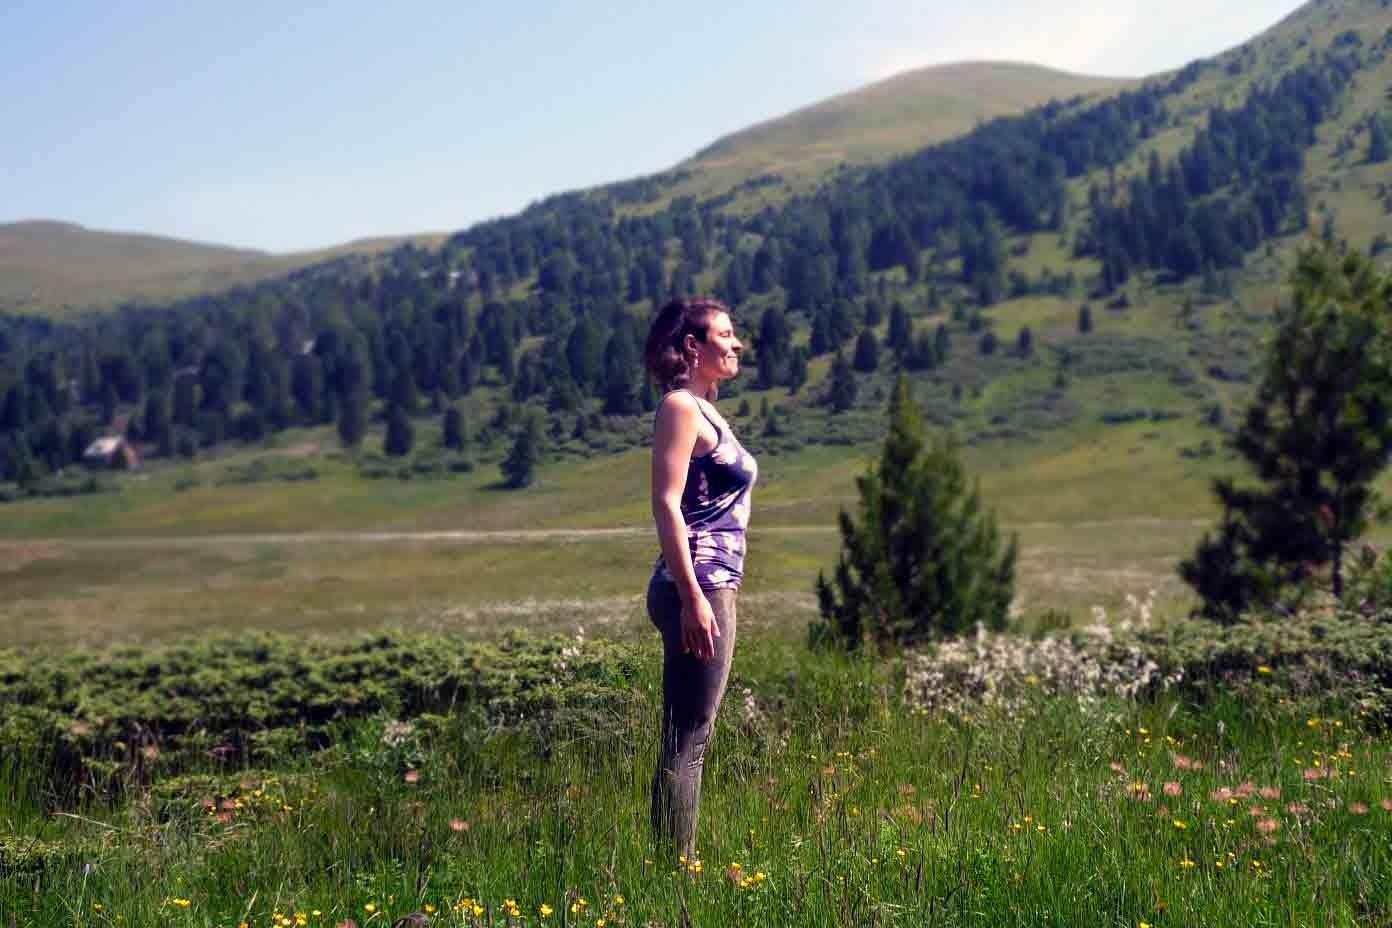 AUSATEM: Berg. Erde Füße und Becken. Öffne Brustkorb und Blick.